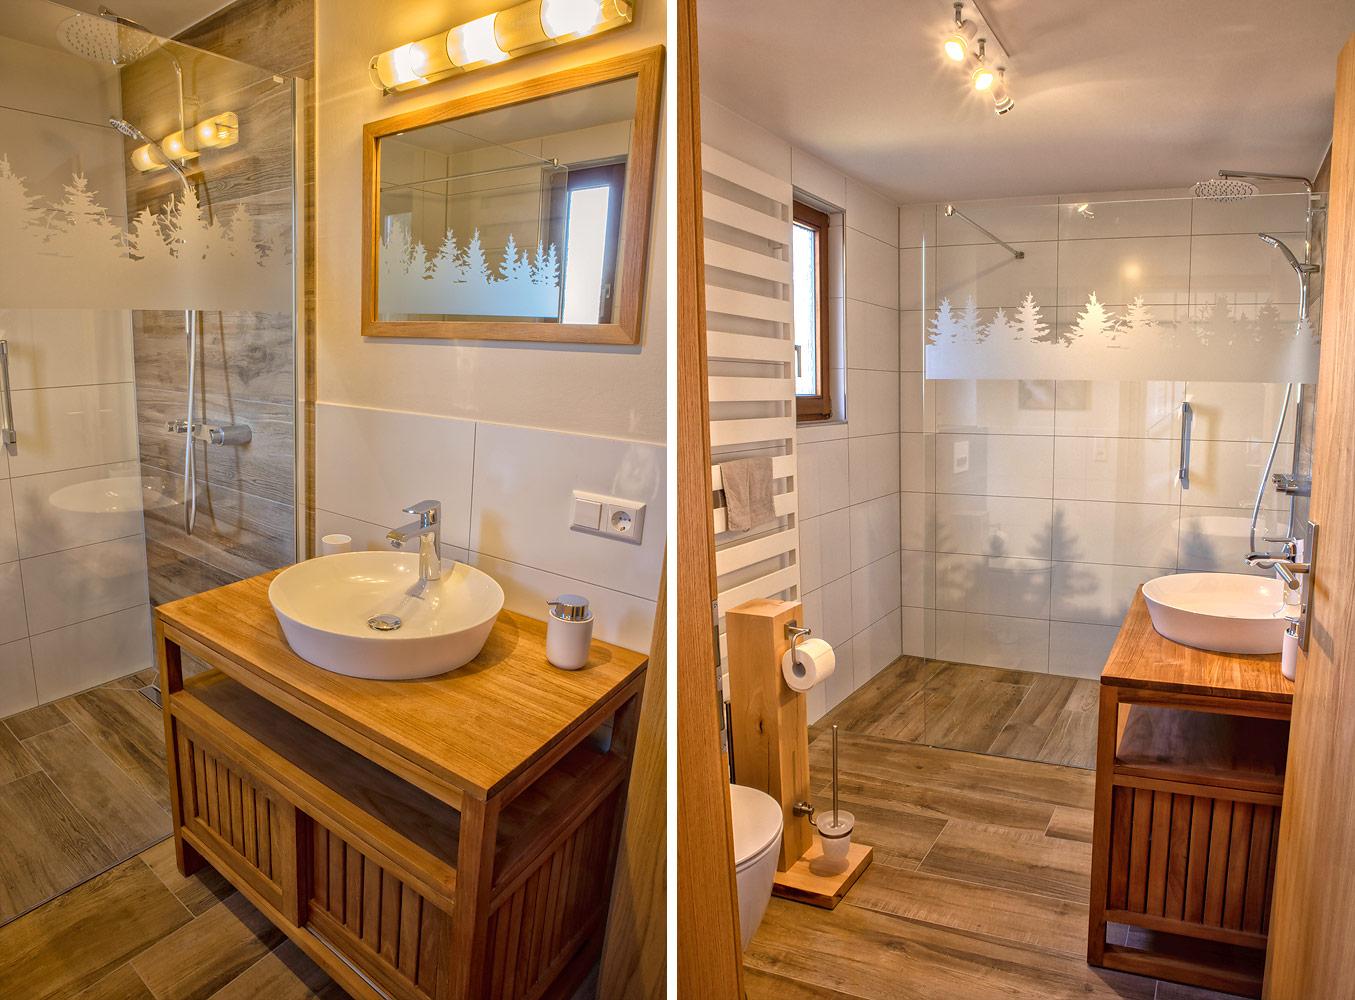 Ferienhaus Enztalblick in Enzklösterle im Nordschwarzwald - Das Bad im Erdgeschoss mit Teakholzwaschtisch, begehbarer Dusche und Toilette